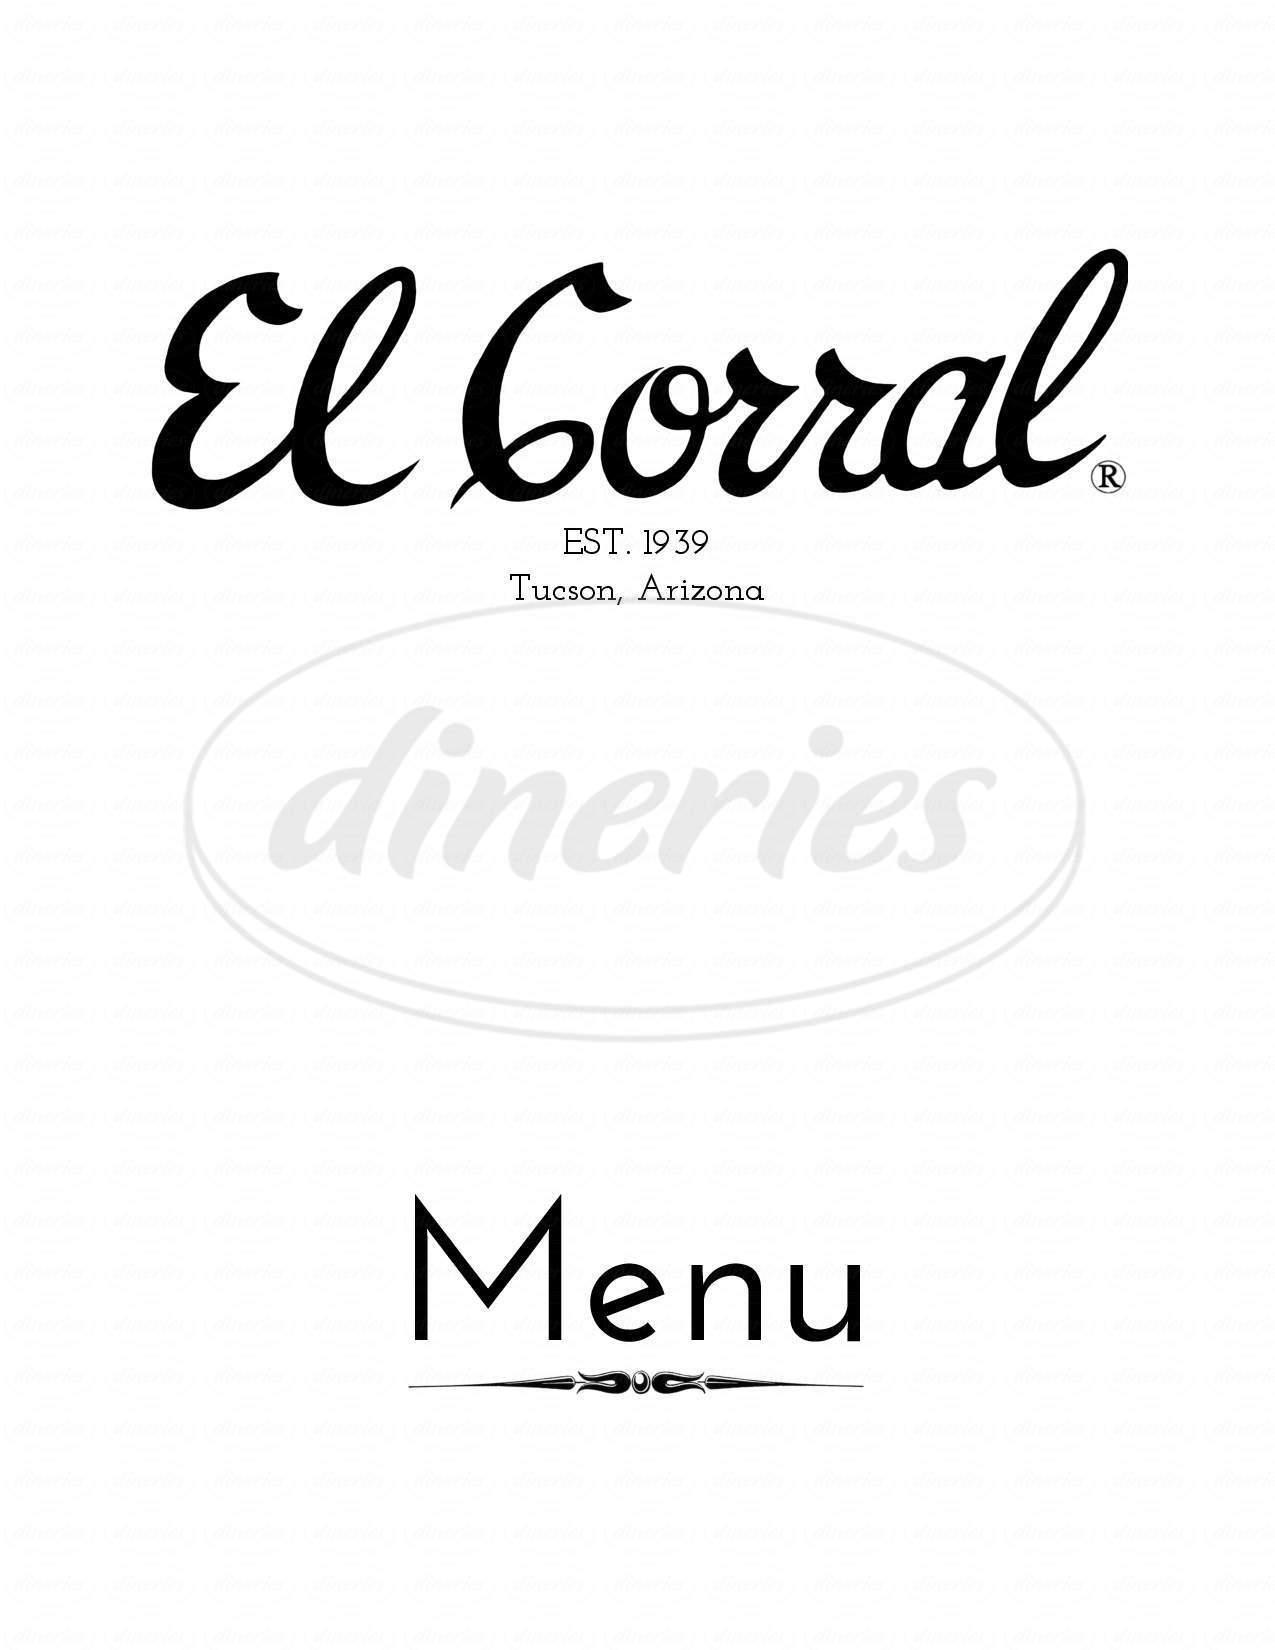 menu for El Corral